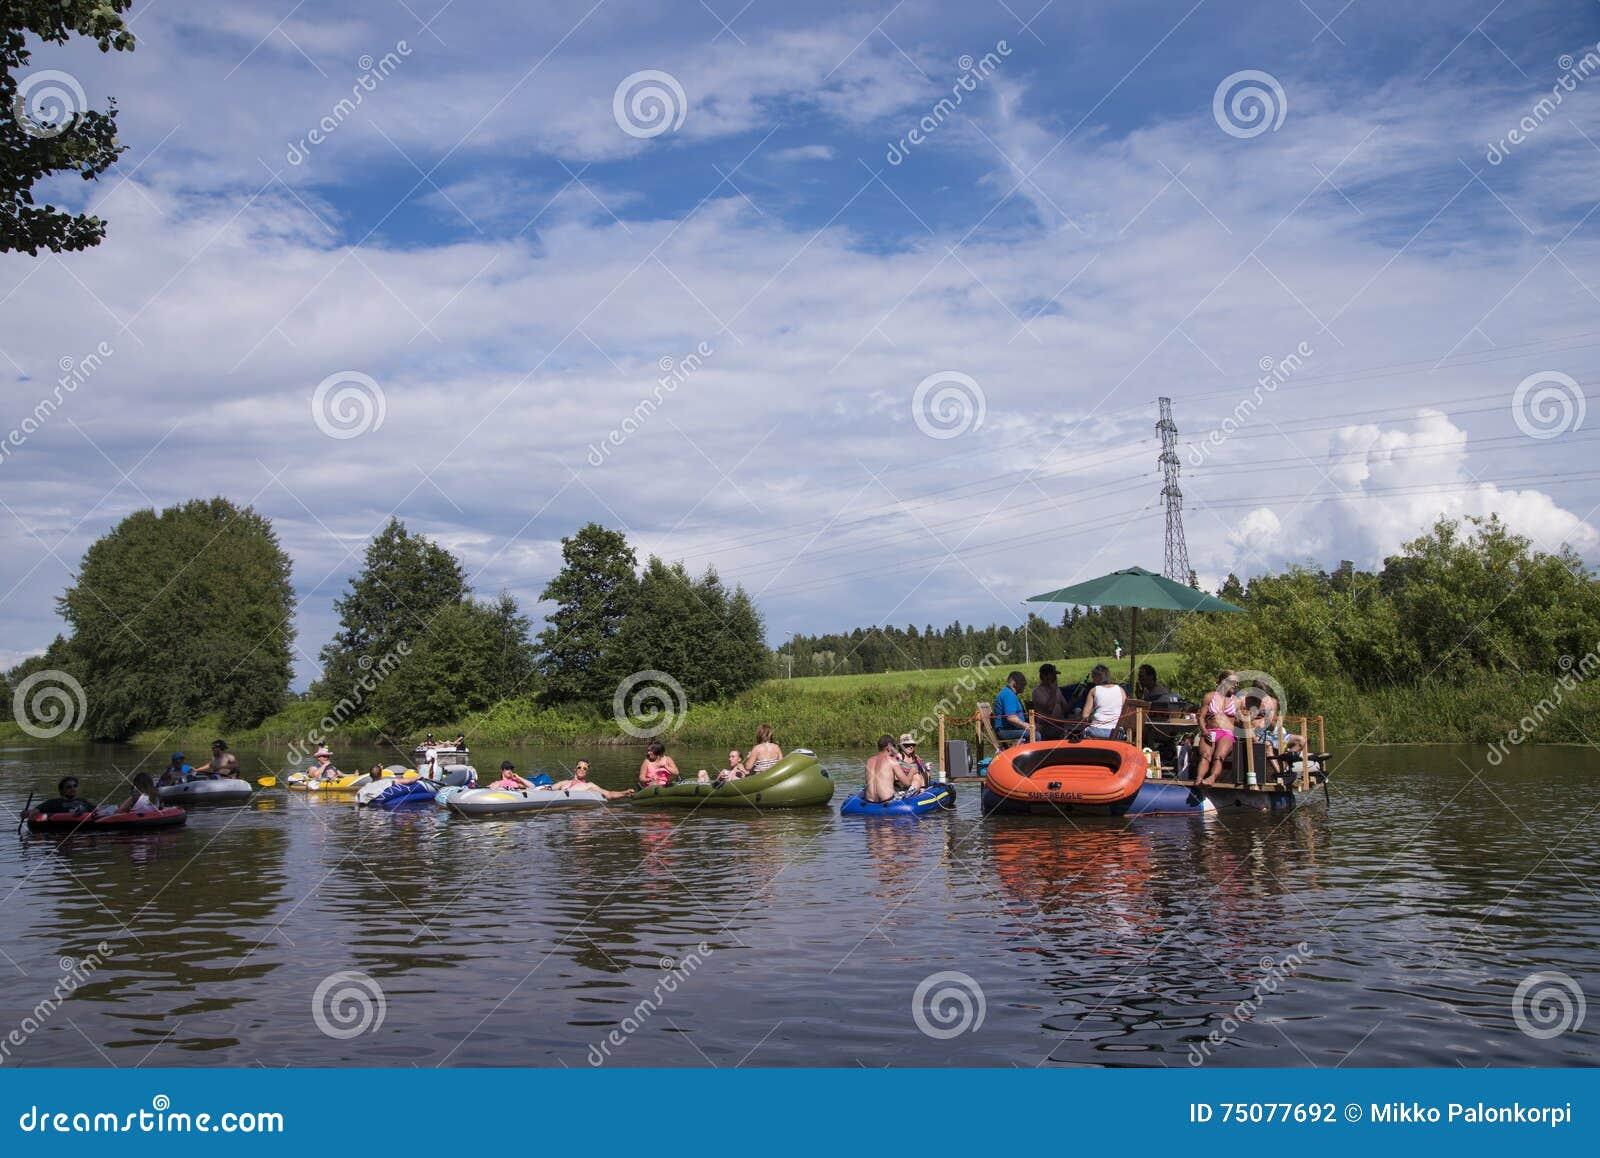 Неопознанные люди чертя вниз с реки на Kaljakellunta ( Пиво Floating) фестиваль